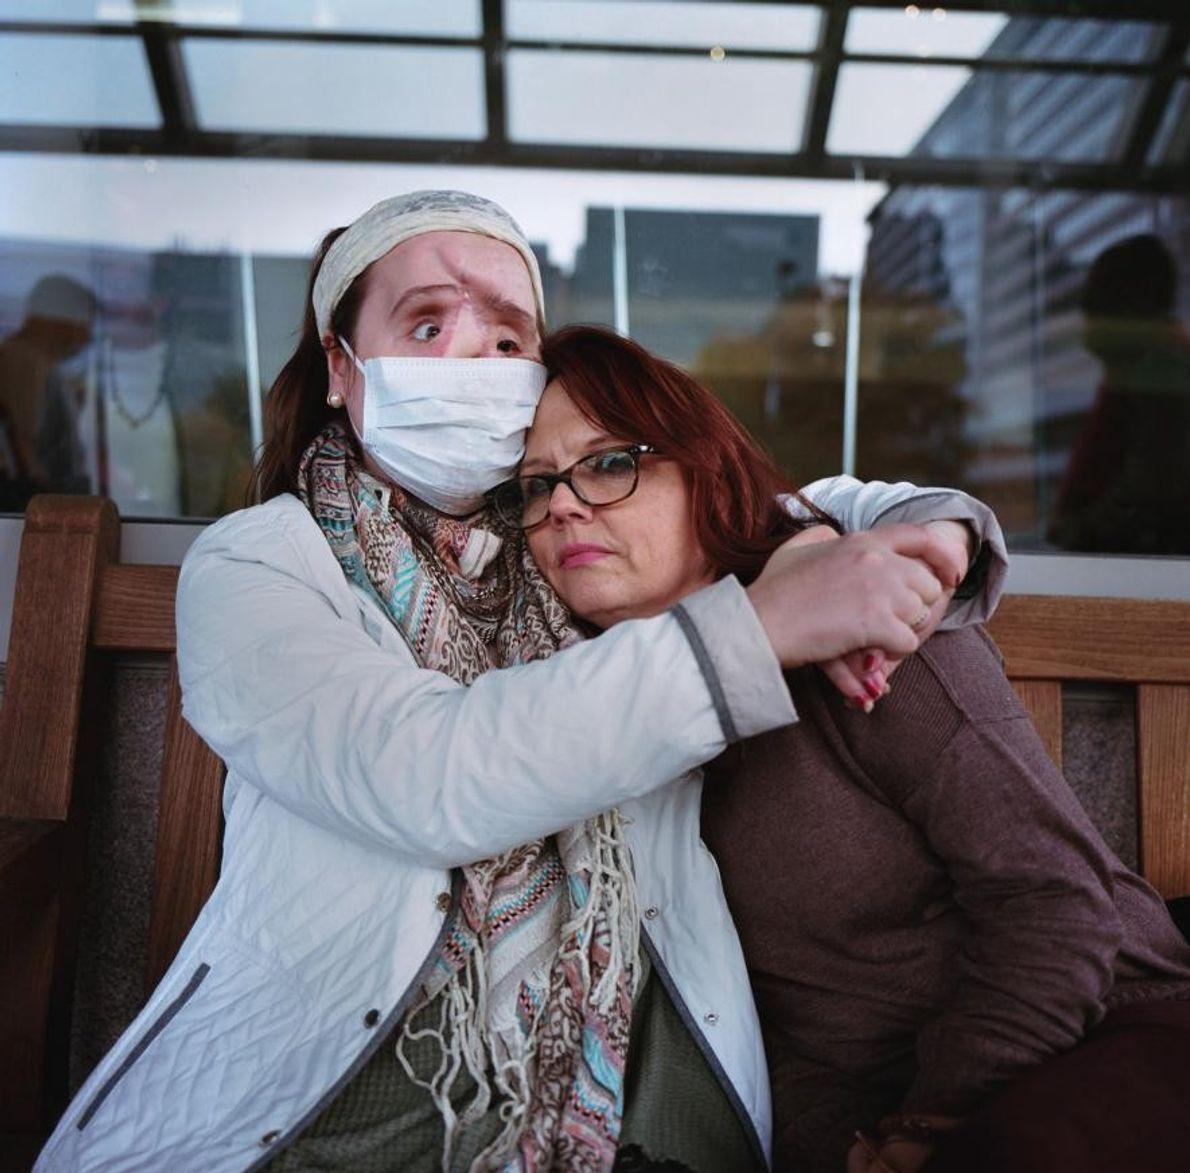 Katie prend sa mère dans ses bras devant la clinique ophtalmologique de Cleveland après un rendez-vous.